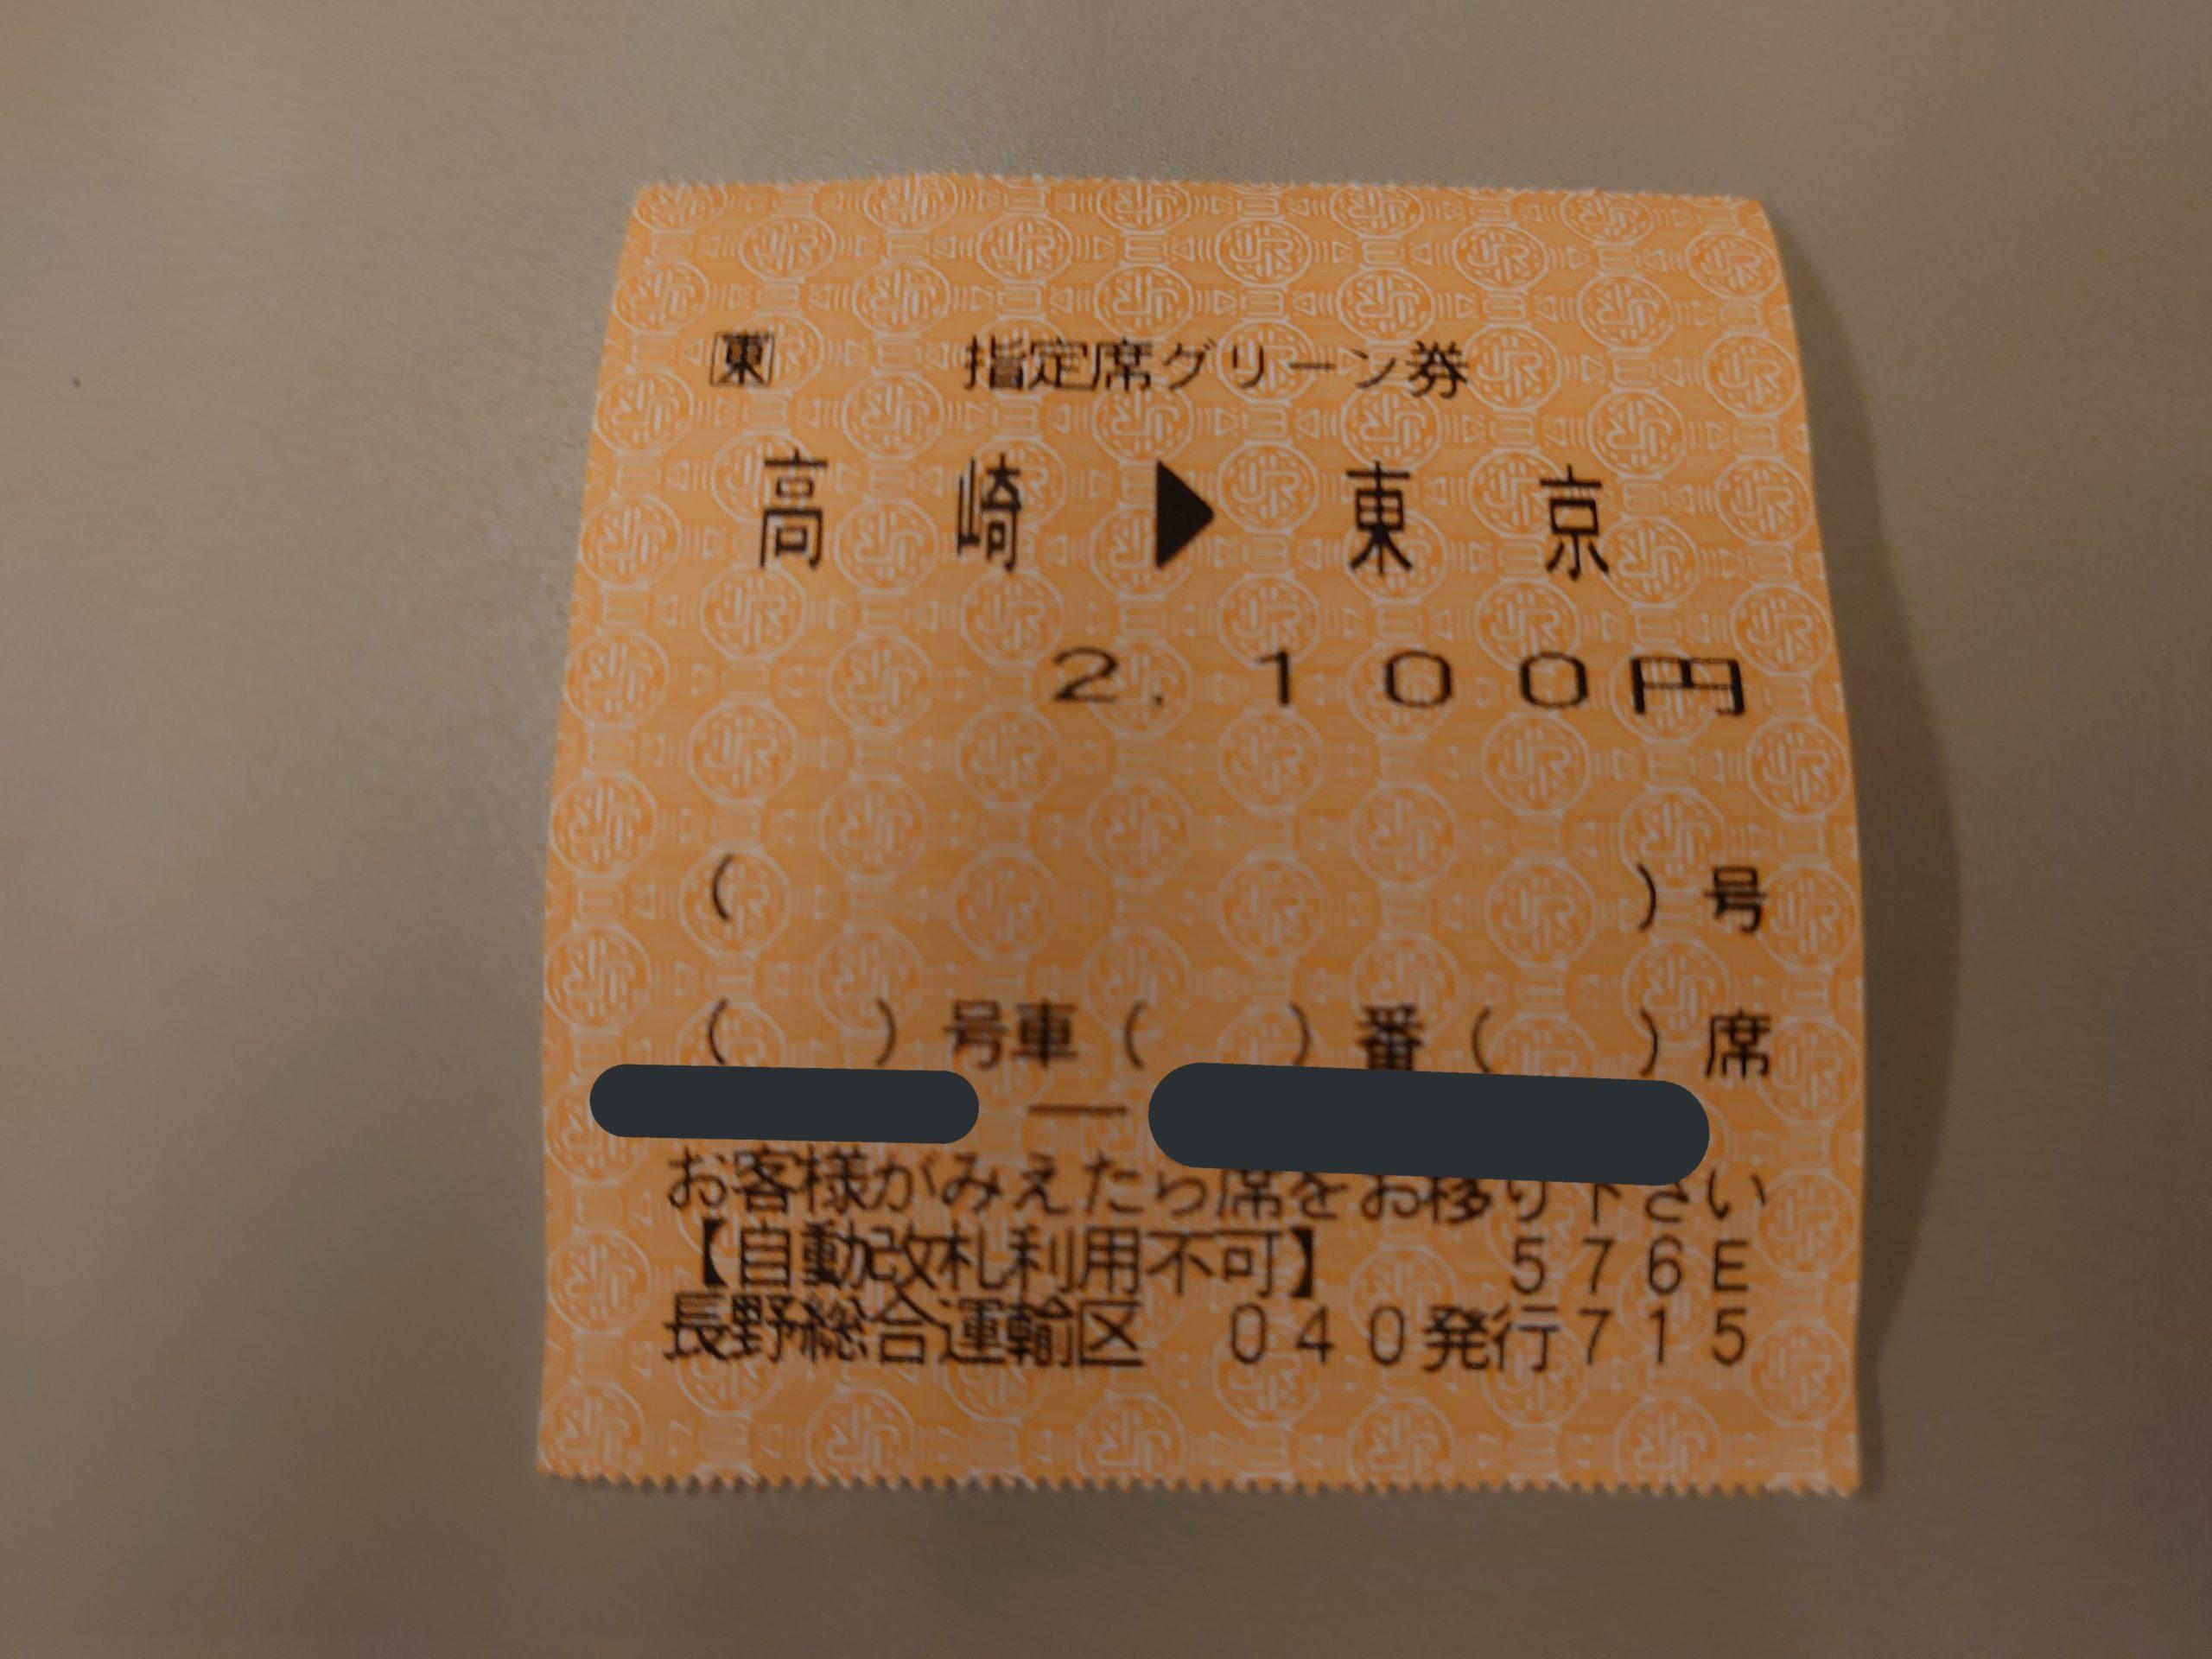 【規則上問題はないのか?】新幹線回数券でグリーン車に乗る方法 券売機や窓口では不可